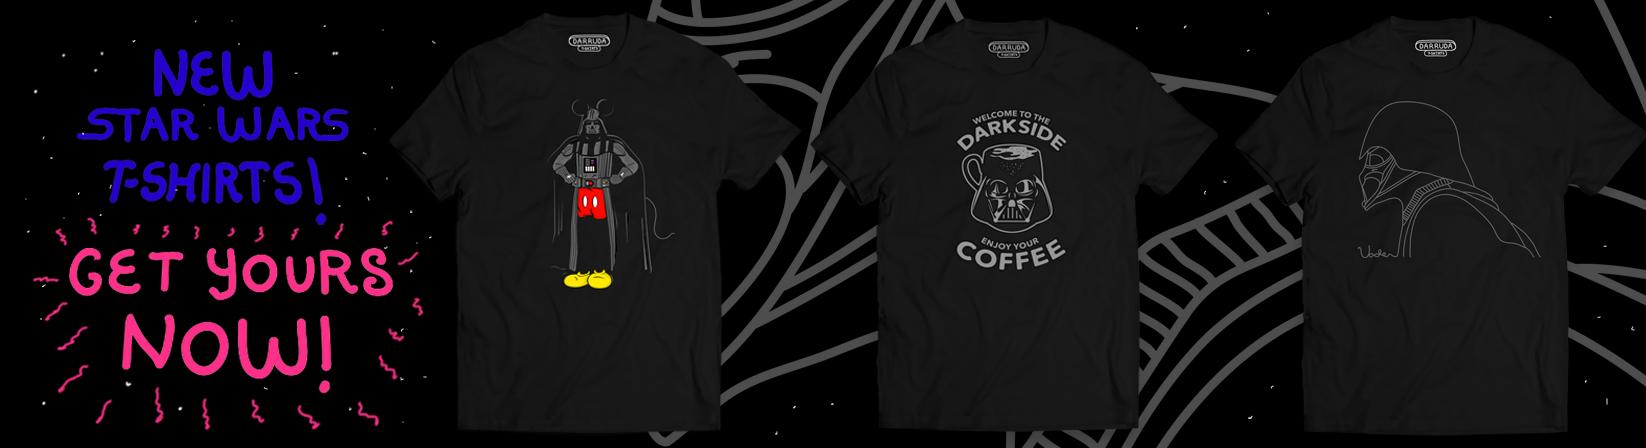 Star Wars New T-shirts